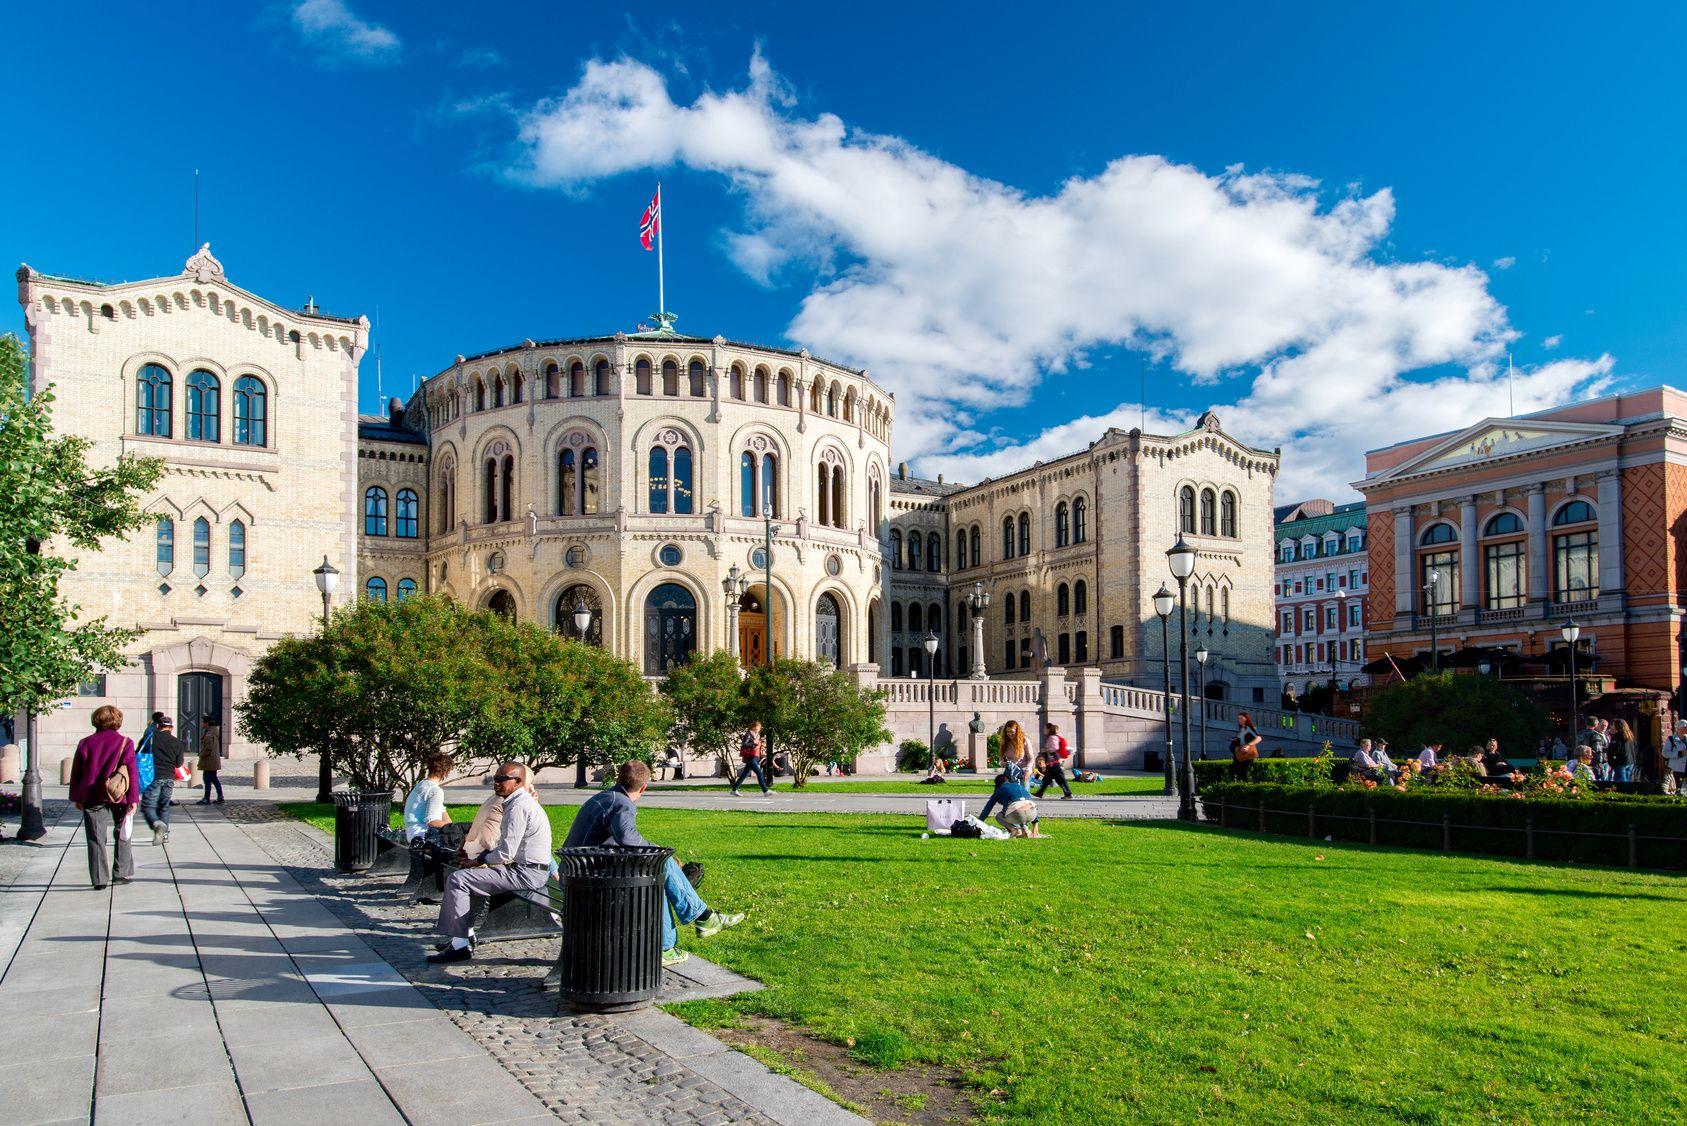 zasto-bi-trebalo-izabrati-studije-u-norveskoj